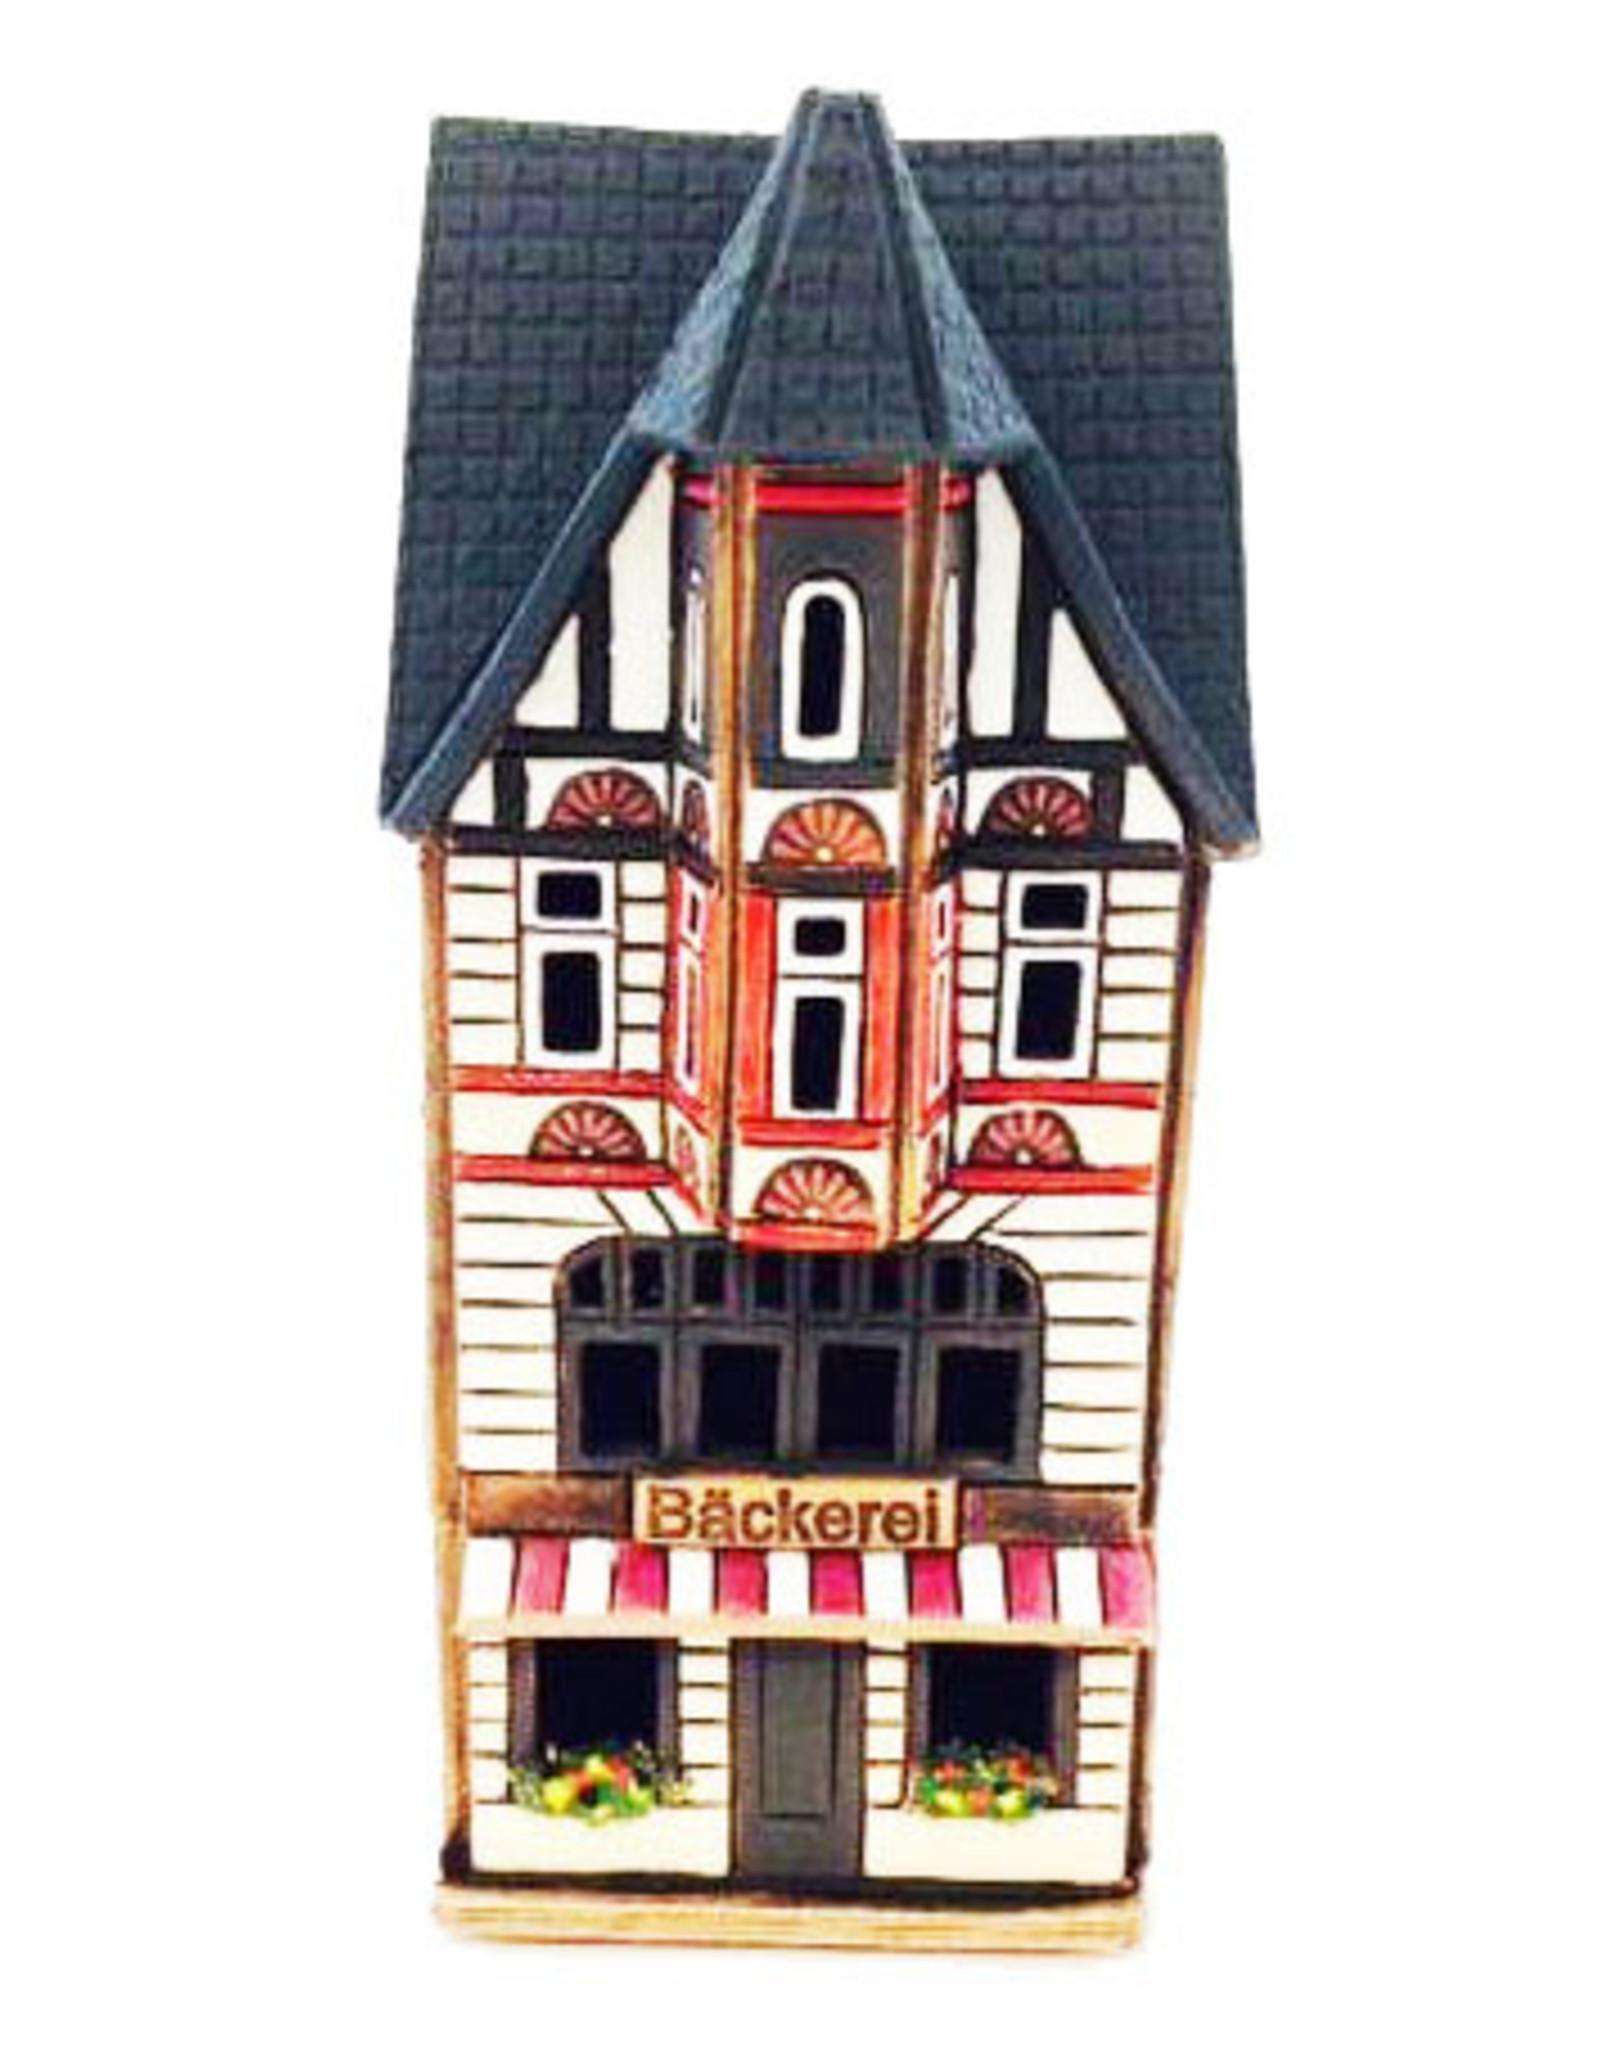 Nordic Dreams Bäckerei Bakery Candle House